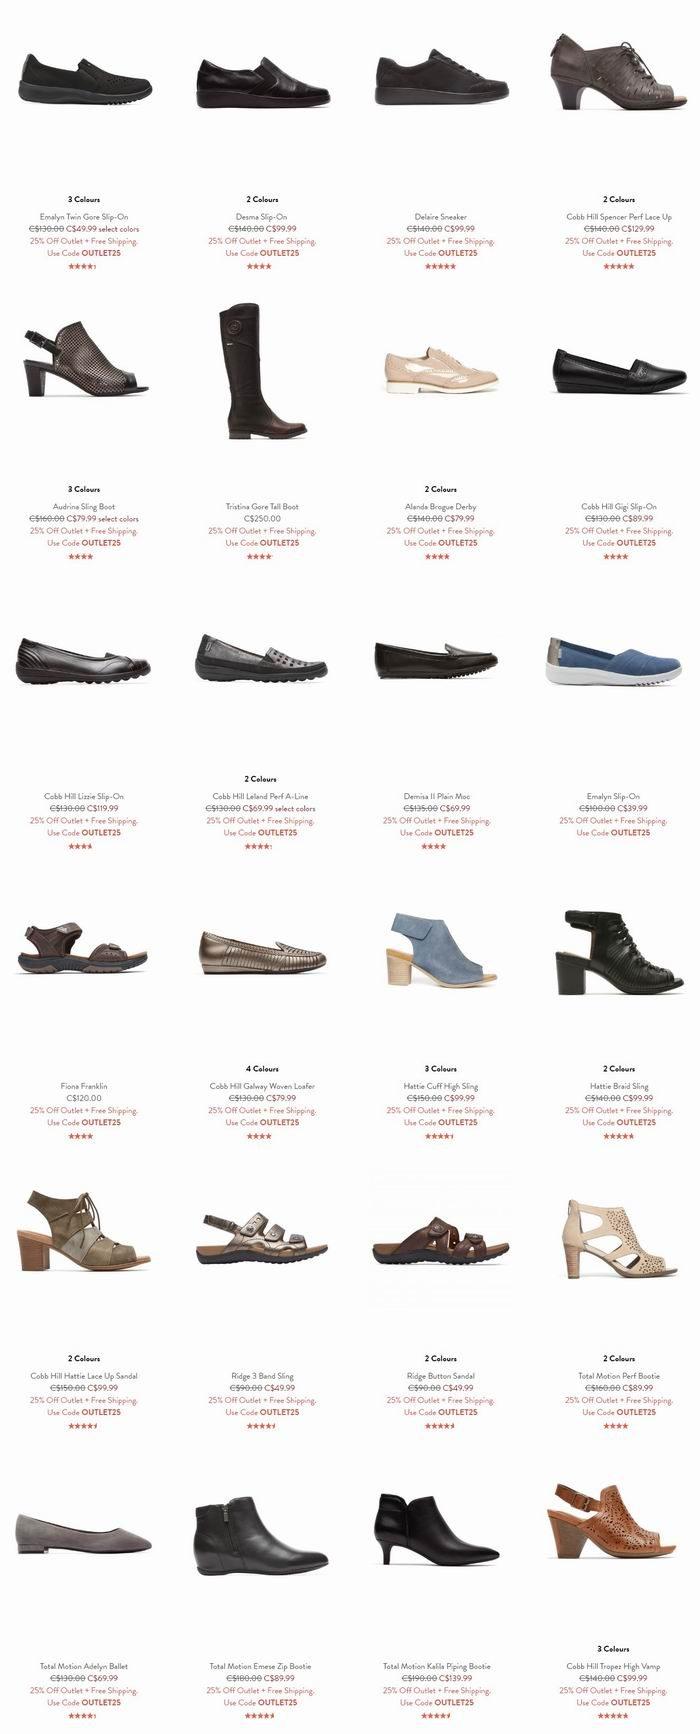 Rockport 乐步 季末清仓!男女时尚皮靴3.8折起+额外7.5折+包邮!